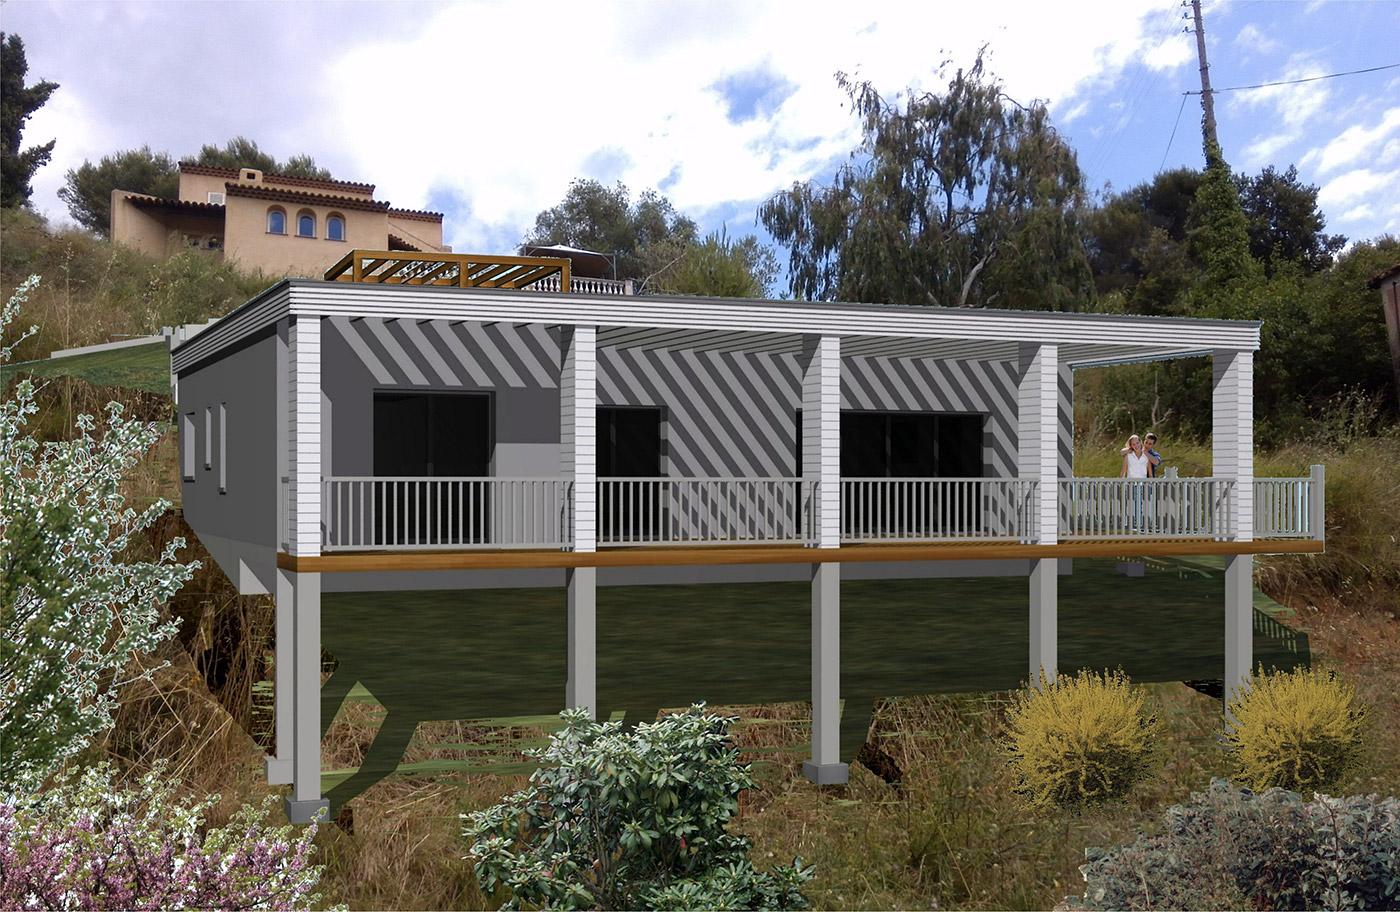 Maison ossature bois sun 140 d 39 amb sarl premium la maison bois par maisons for Construction en bois wiki